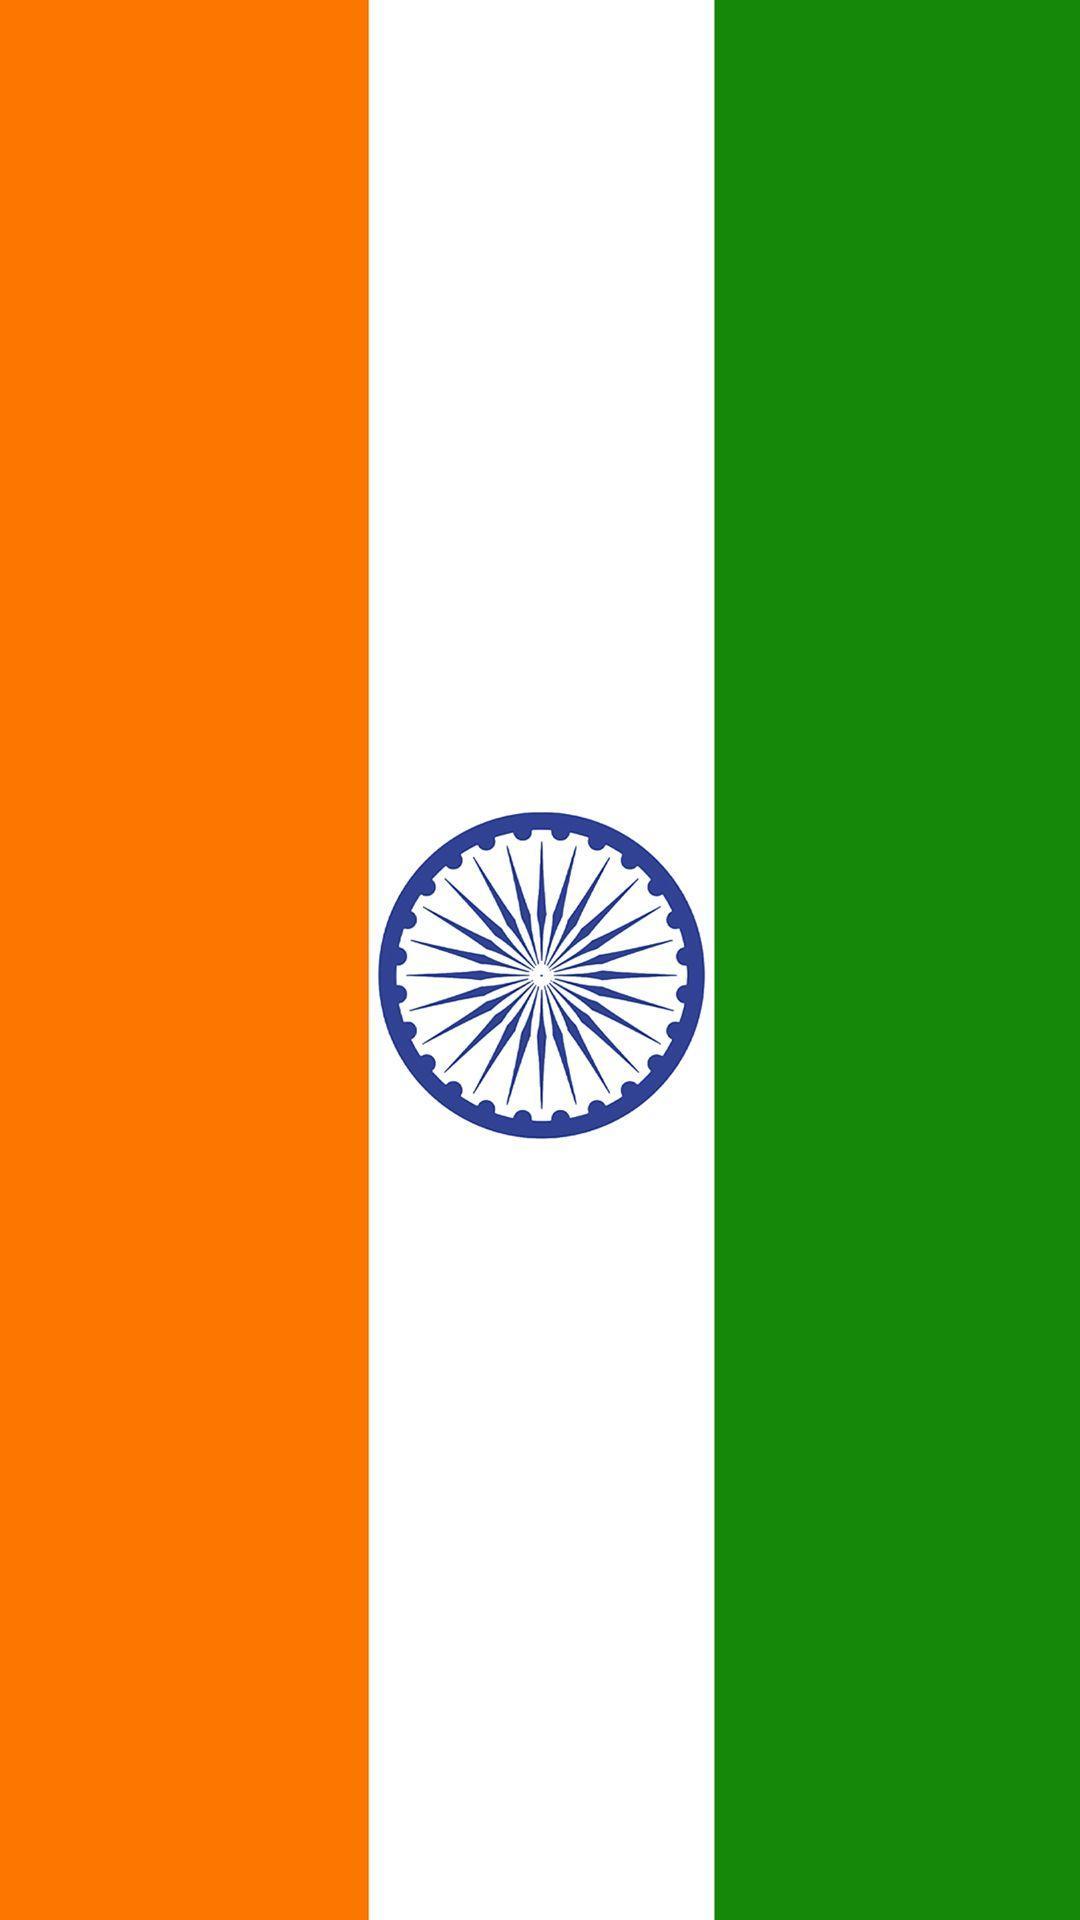 1080x1920 Cờ Ấn Độ cho điện thoại di động Hình nền 01 trên 17 Ảnh - Tiranga